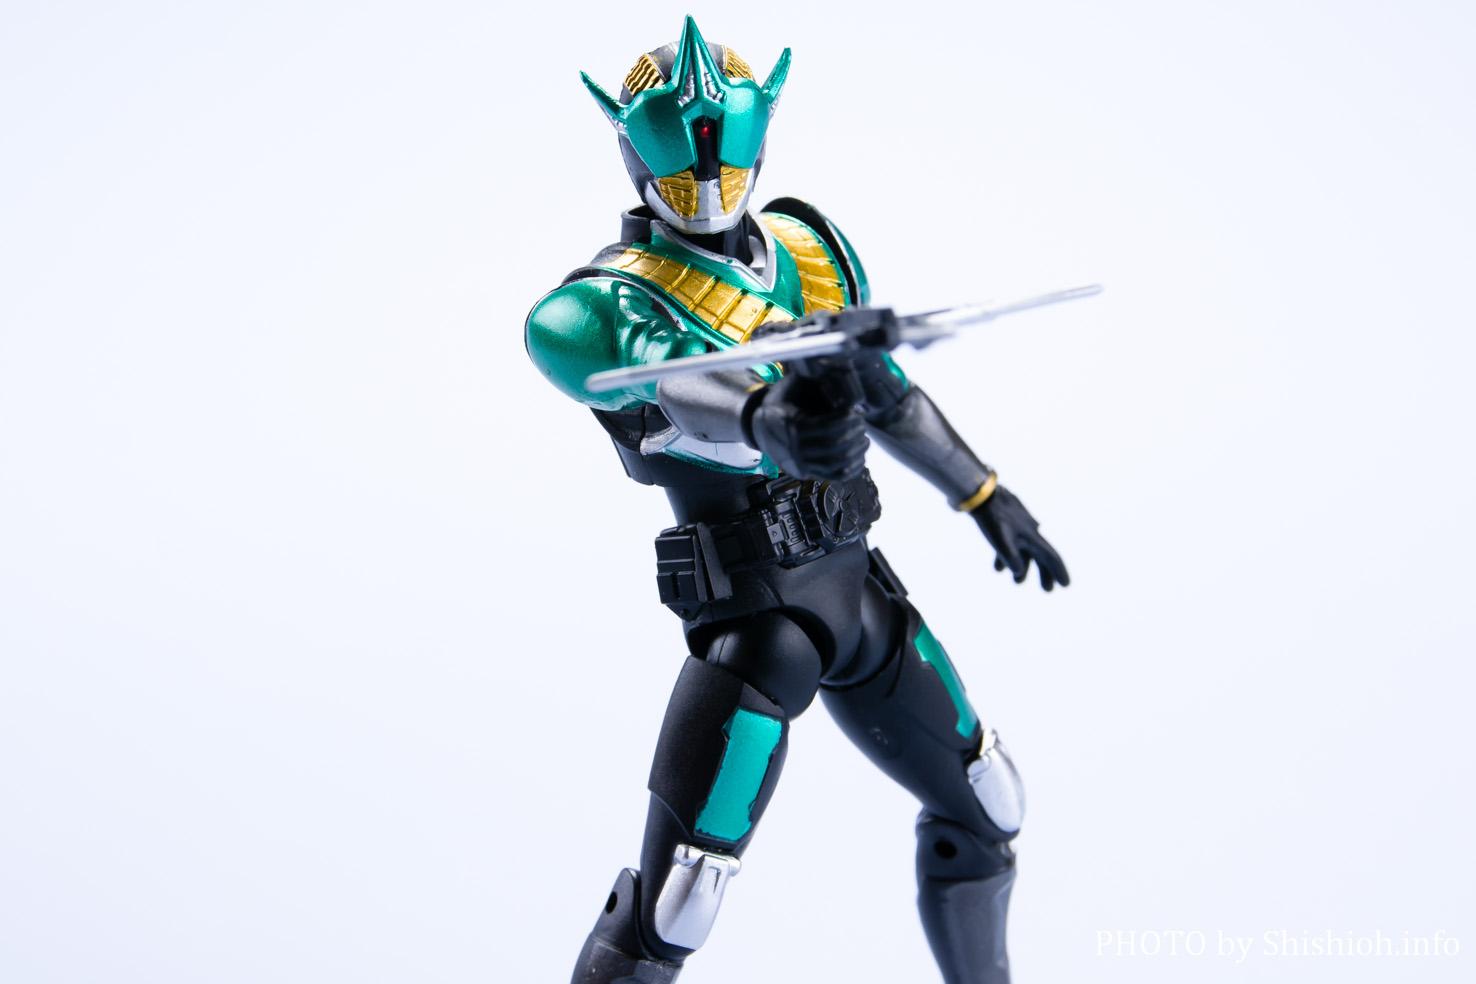 SHODO-X 仮面ライダー ゼロノス アルタイルフォーム